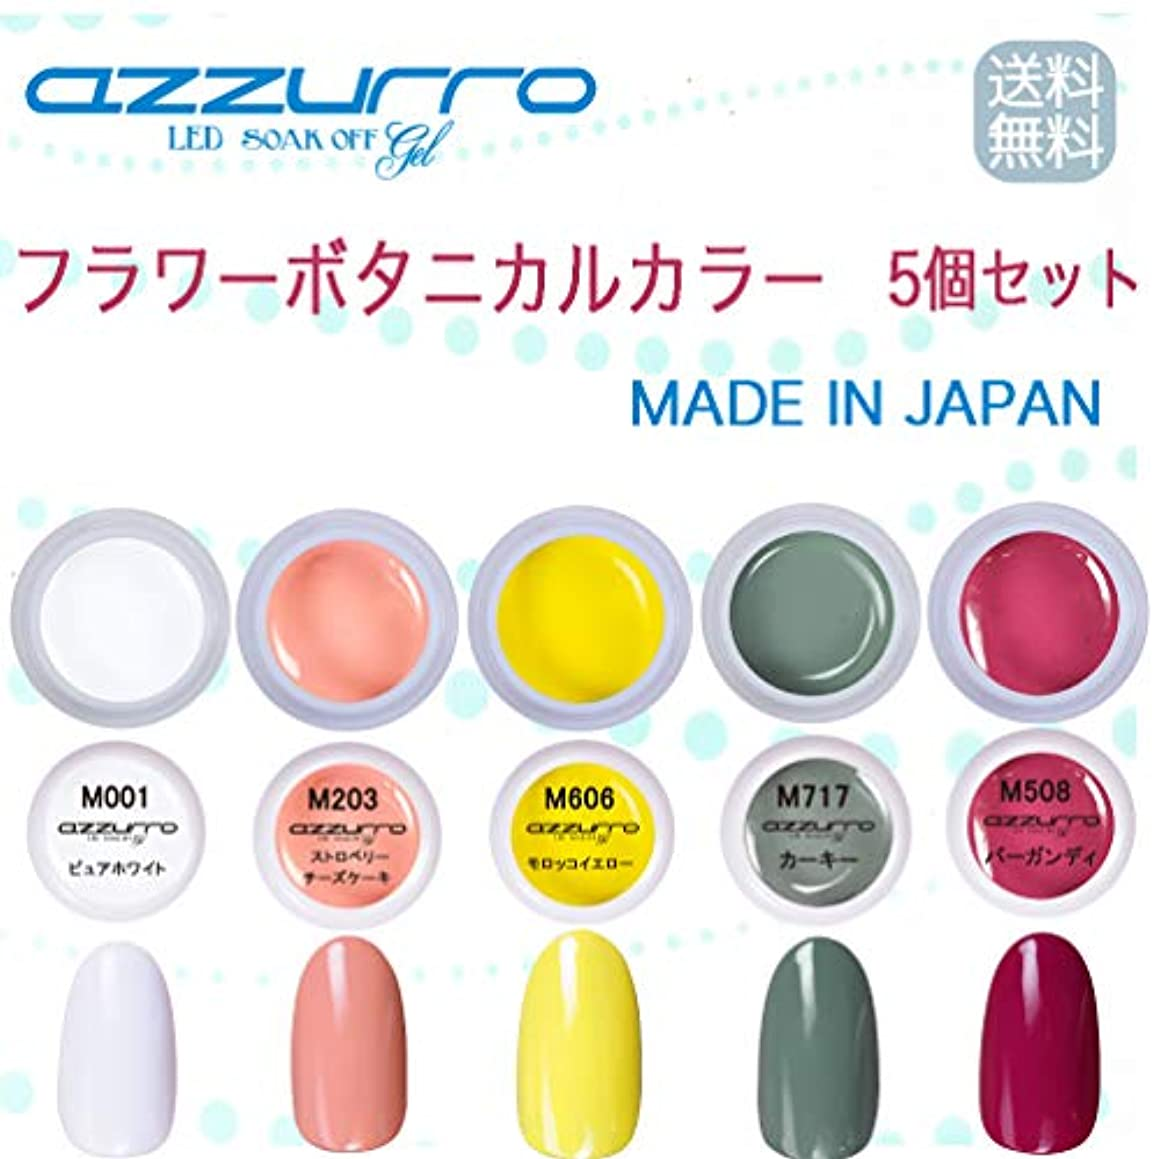 毎月ライブ十一【送料無料】日本製 azzurro gel フラワーボタニカルカラージェル5個セット 春にピッタリでかわいいフラワーアートにピッタリなカラー